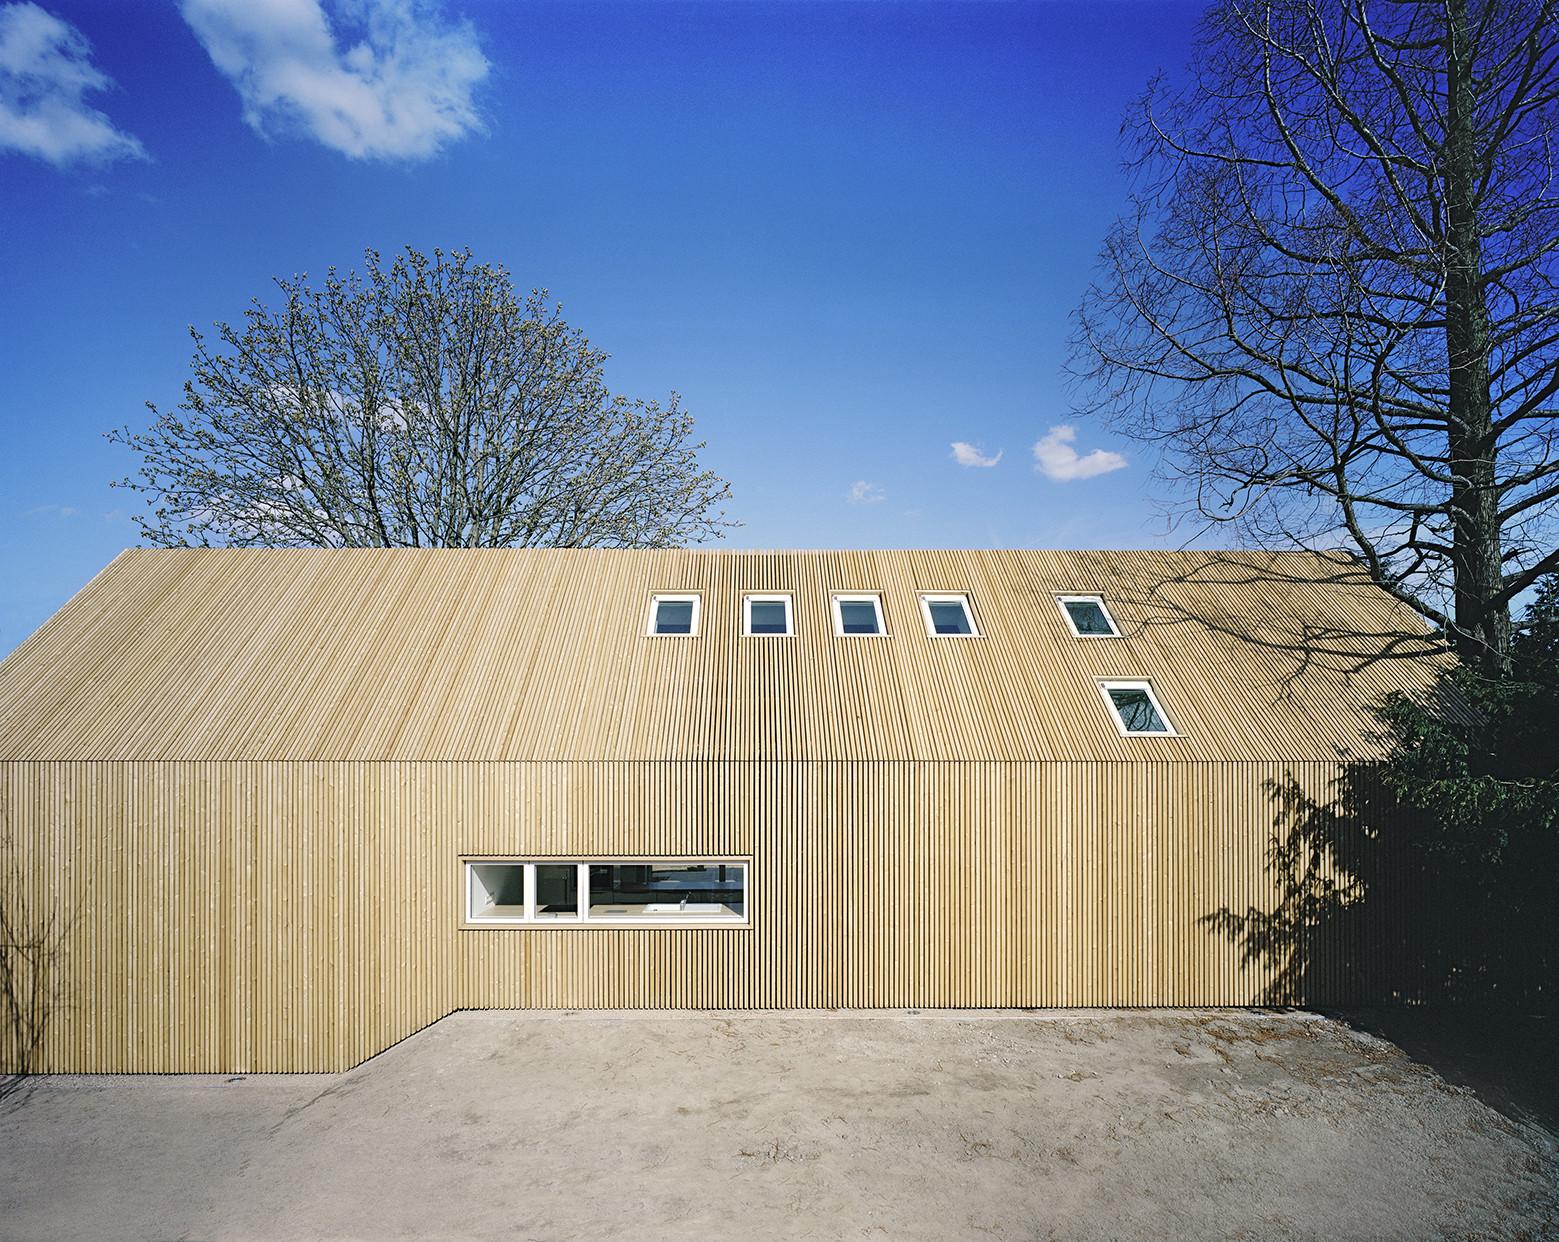 House B in B / Matti Schmalohr, © Klaus Dieter Weiss